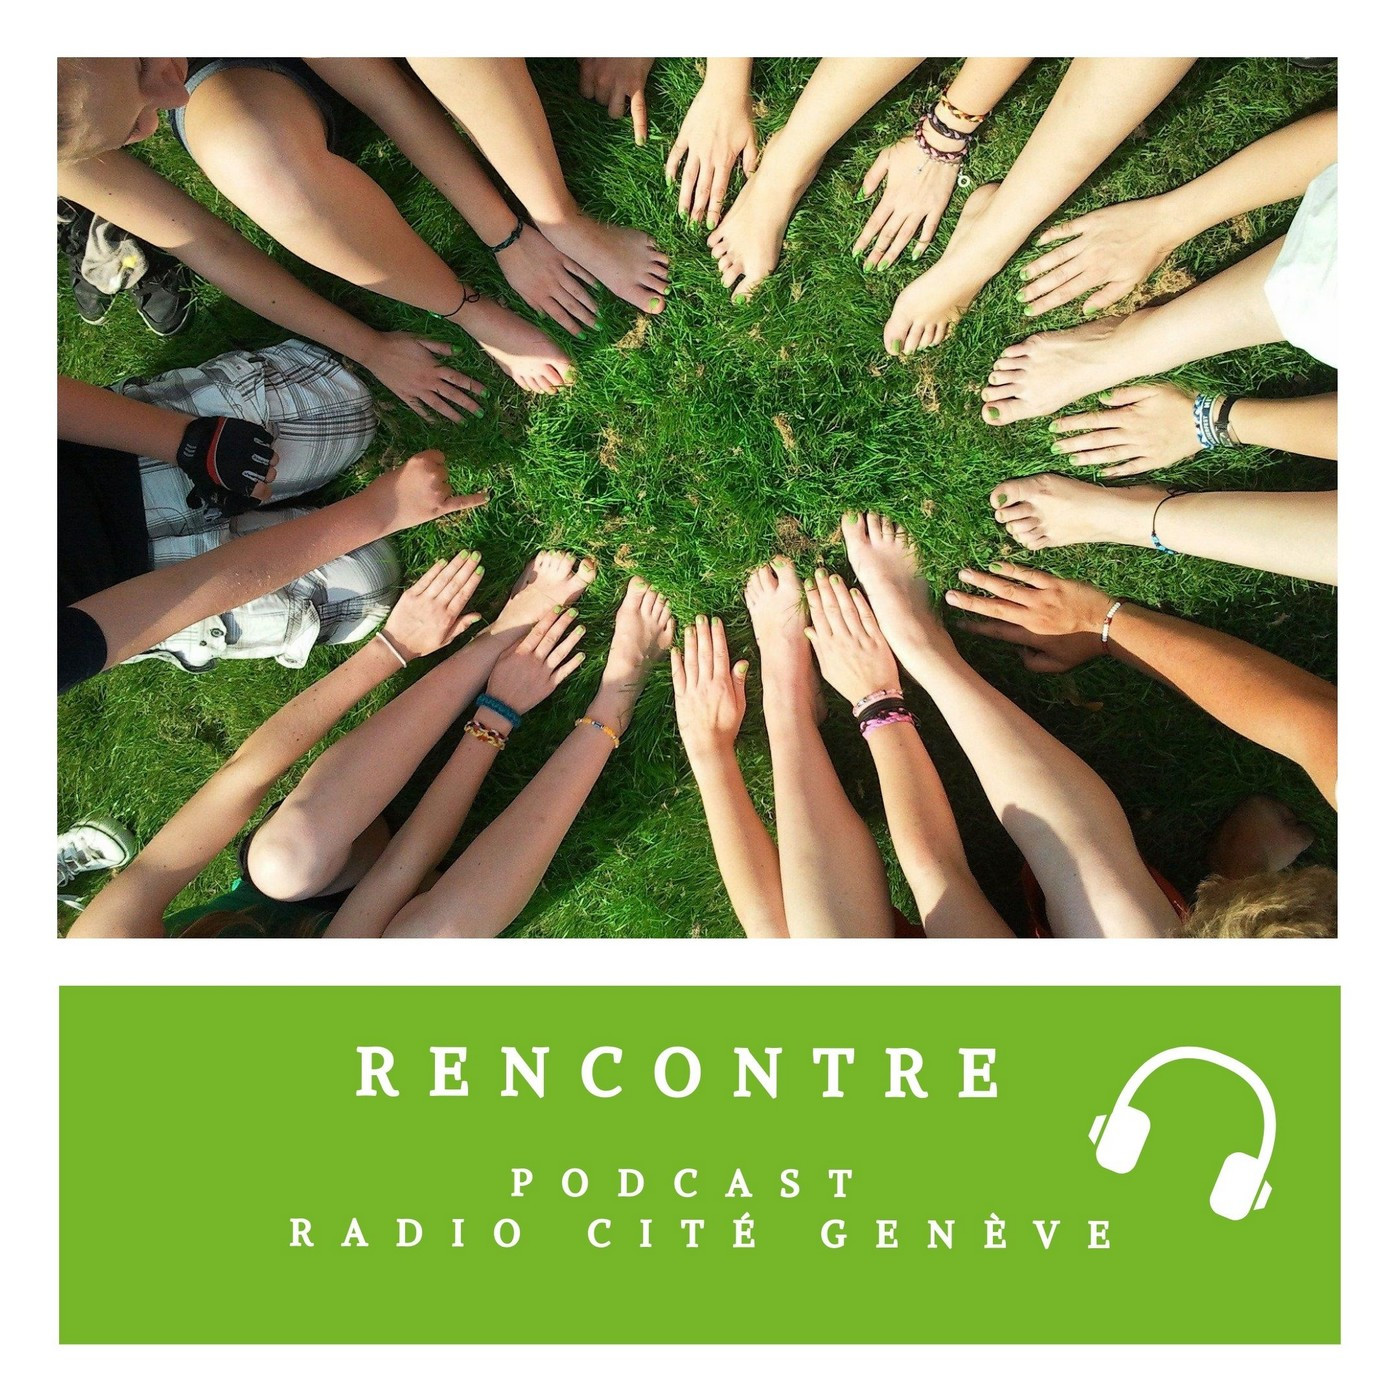 Rencontre du 26/10/20 -  René Longet